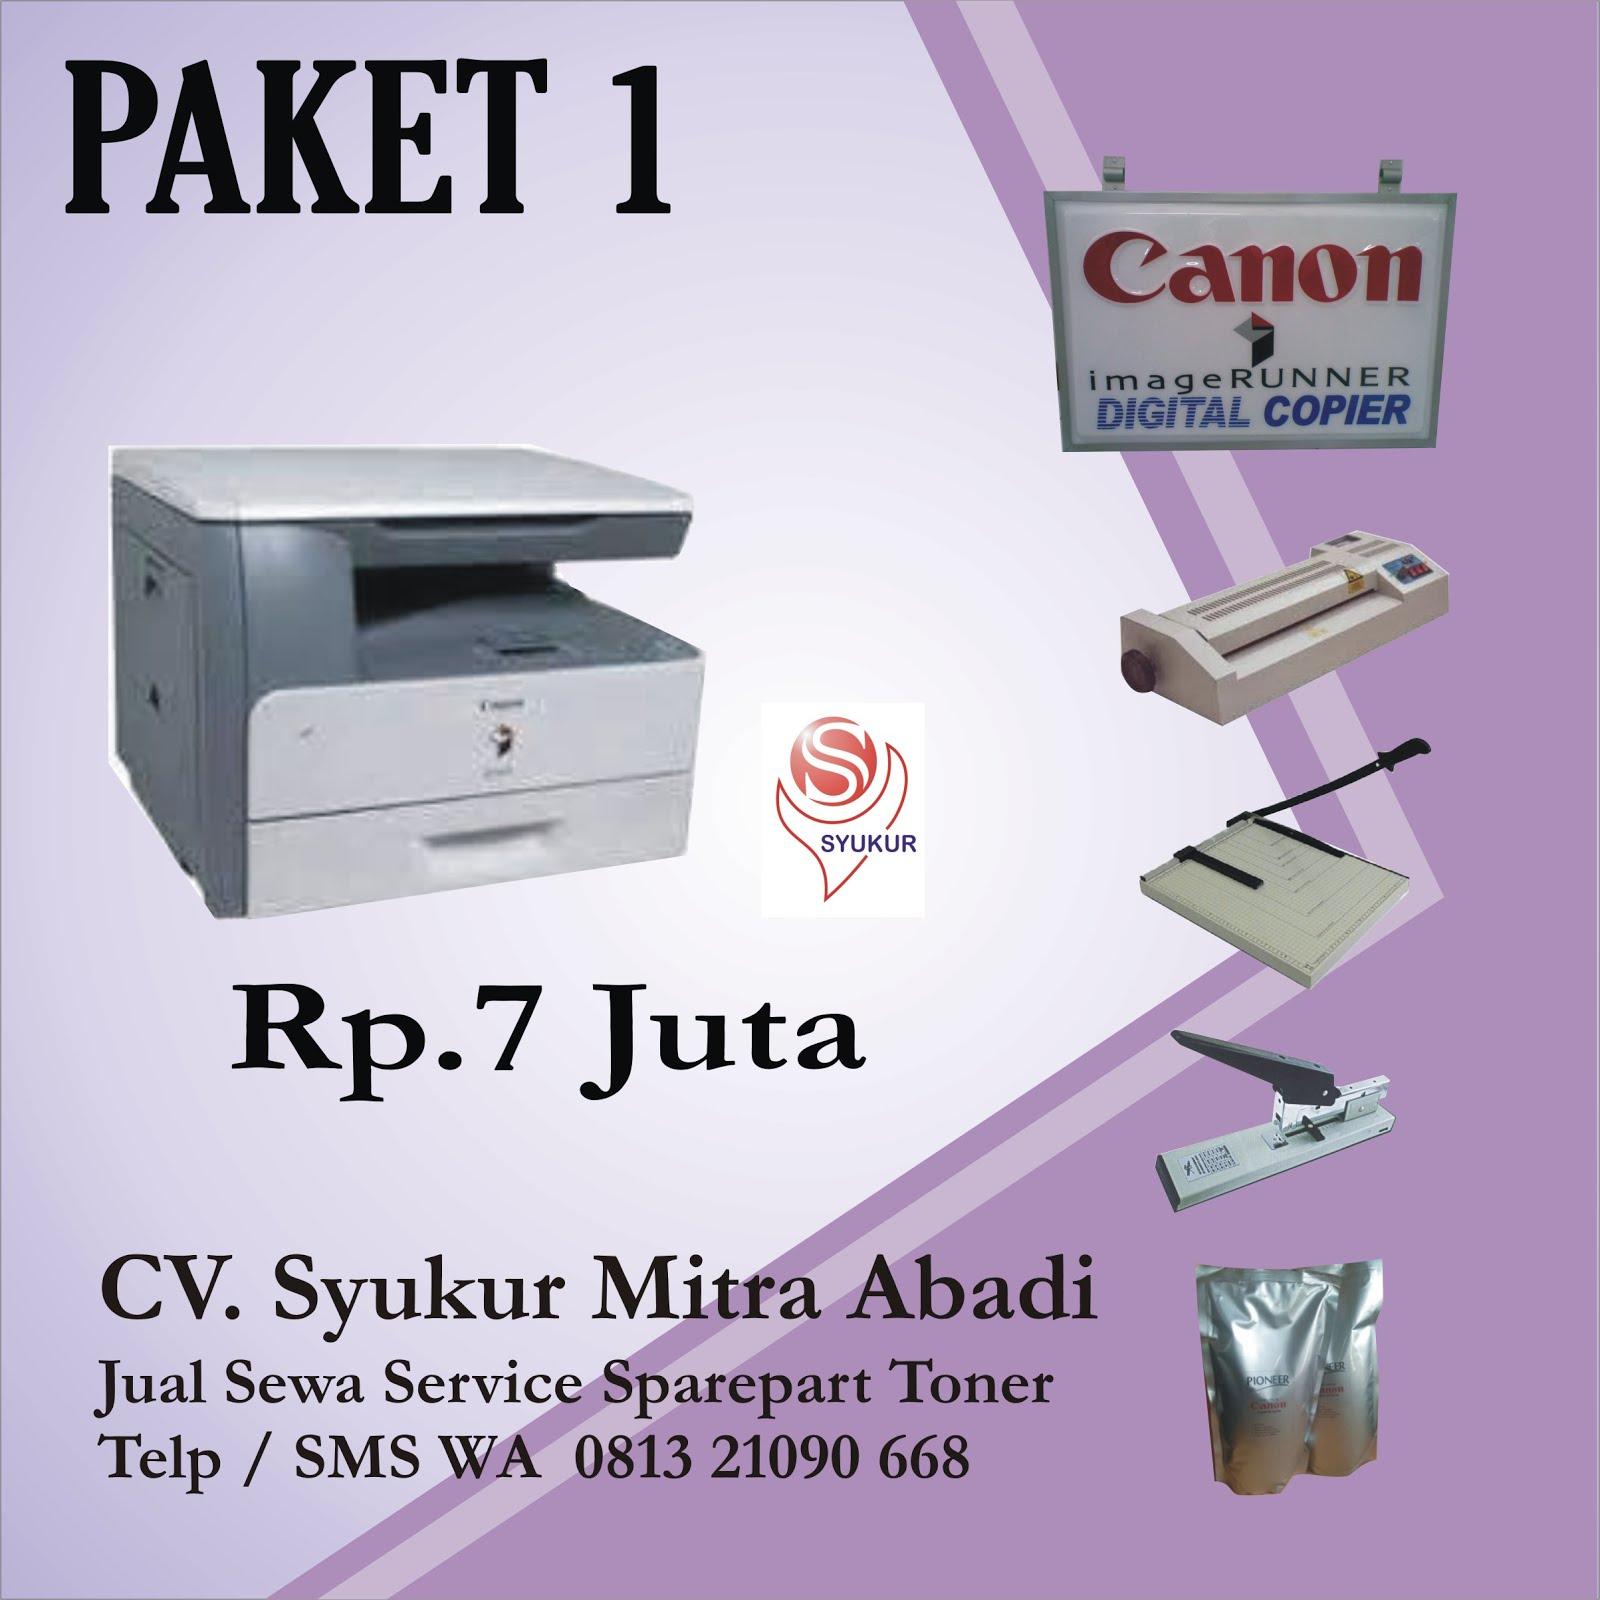 Paket mesin fotocopy murah